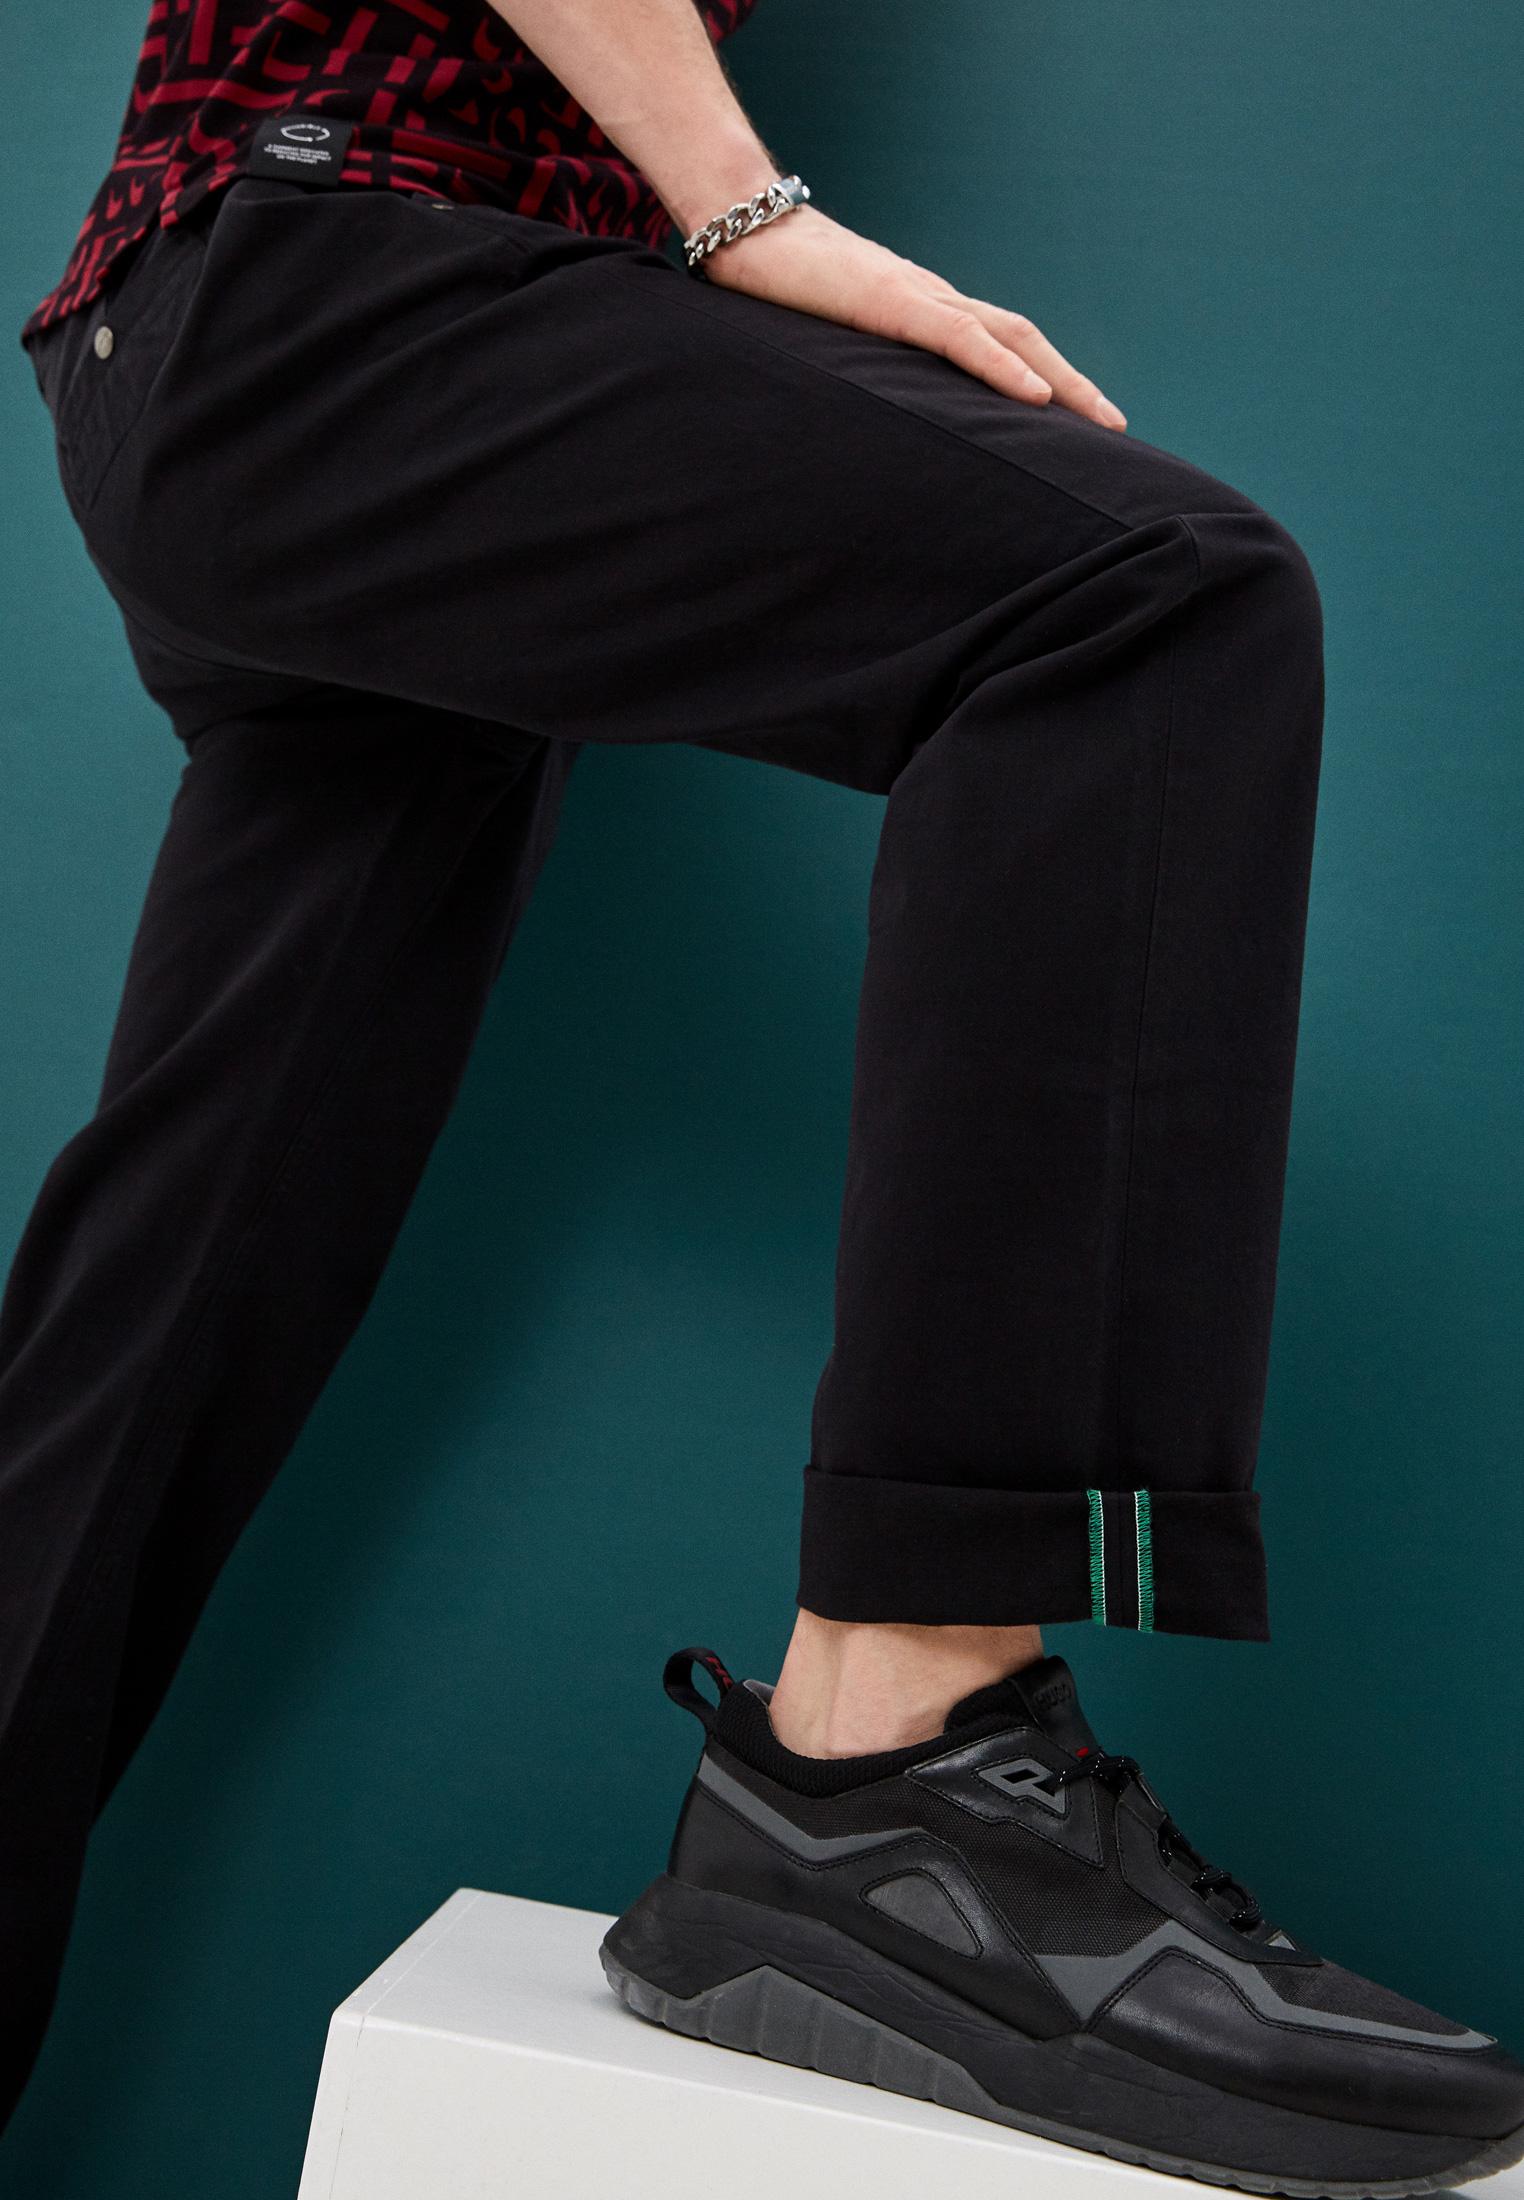 Мужские повседневные брюки Bikkembergs (Биккембергс) C P 112 00 S 3279: изображение 2